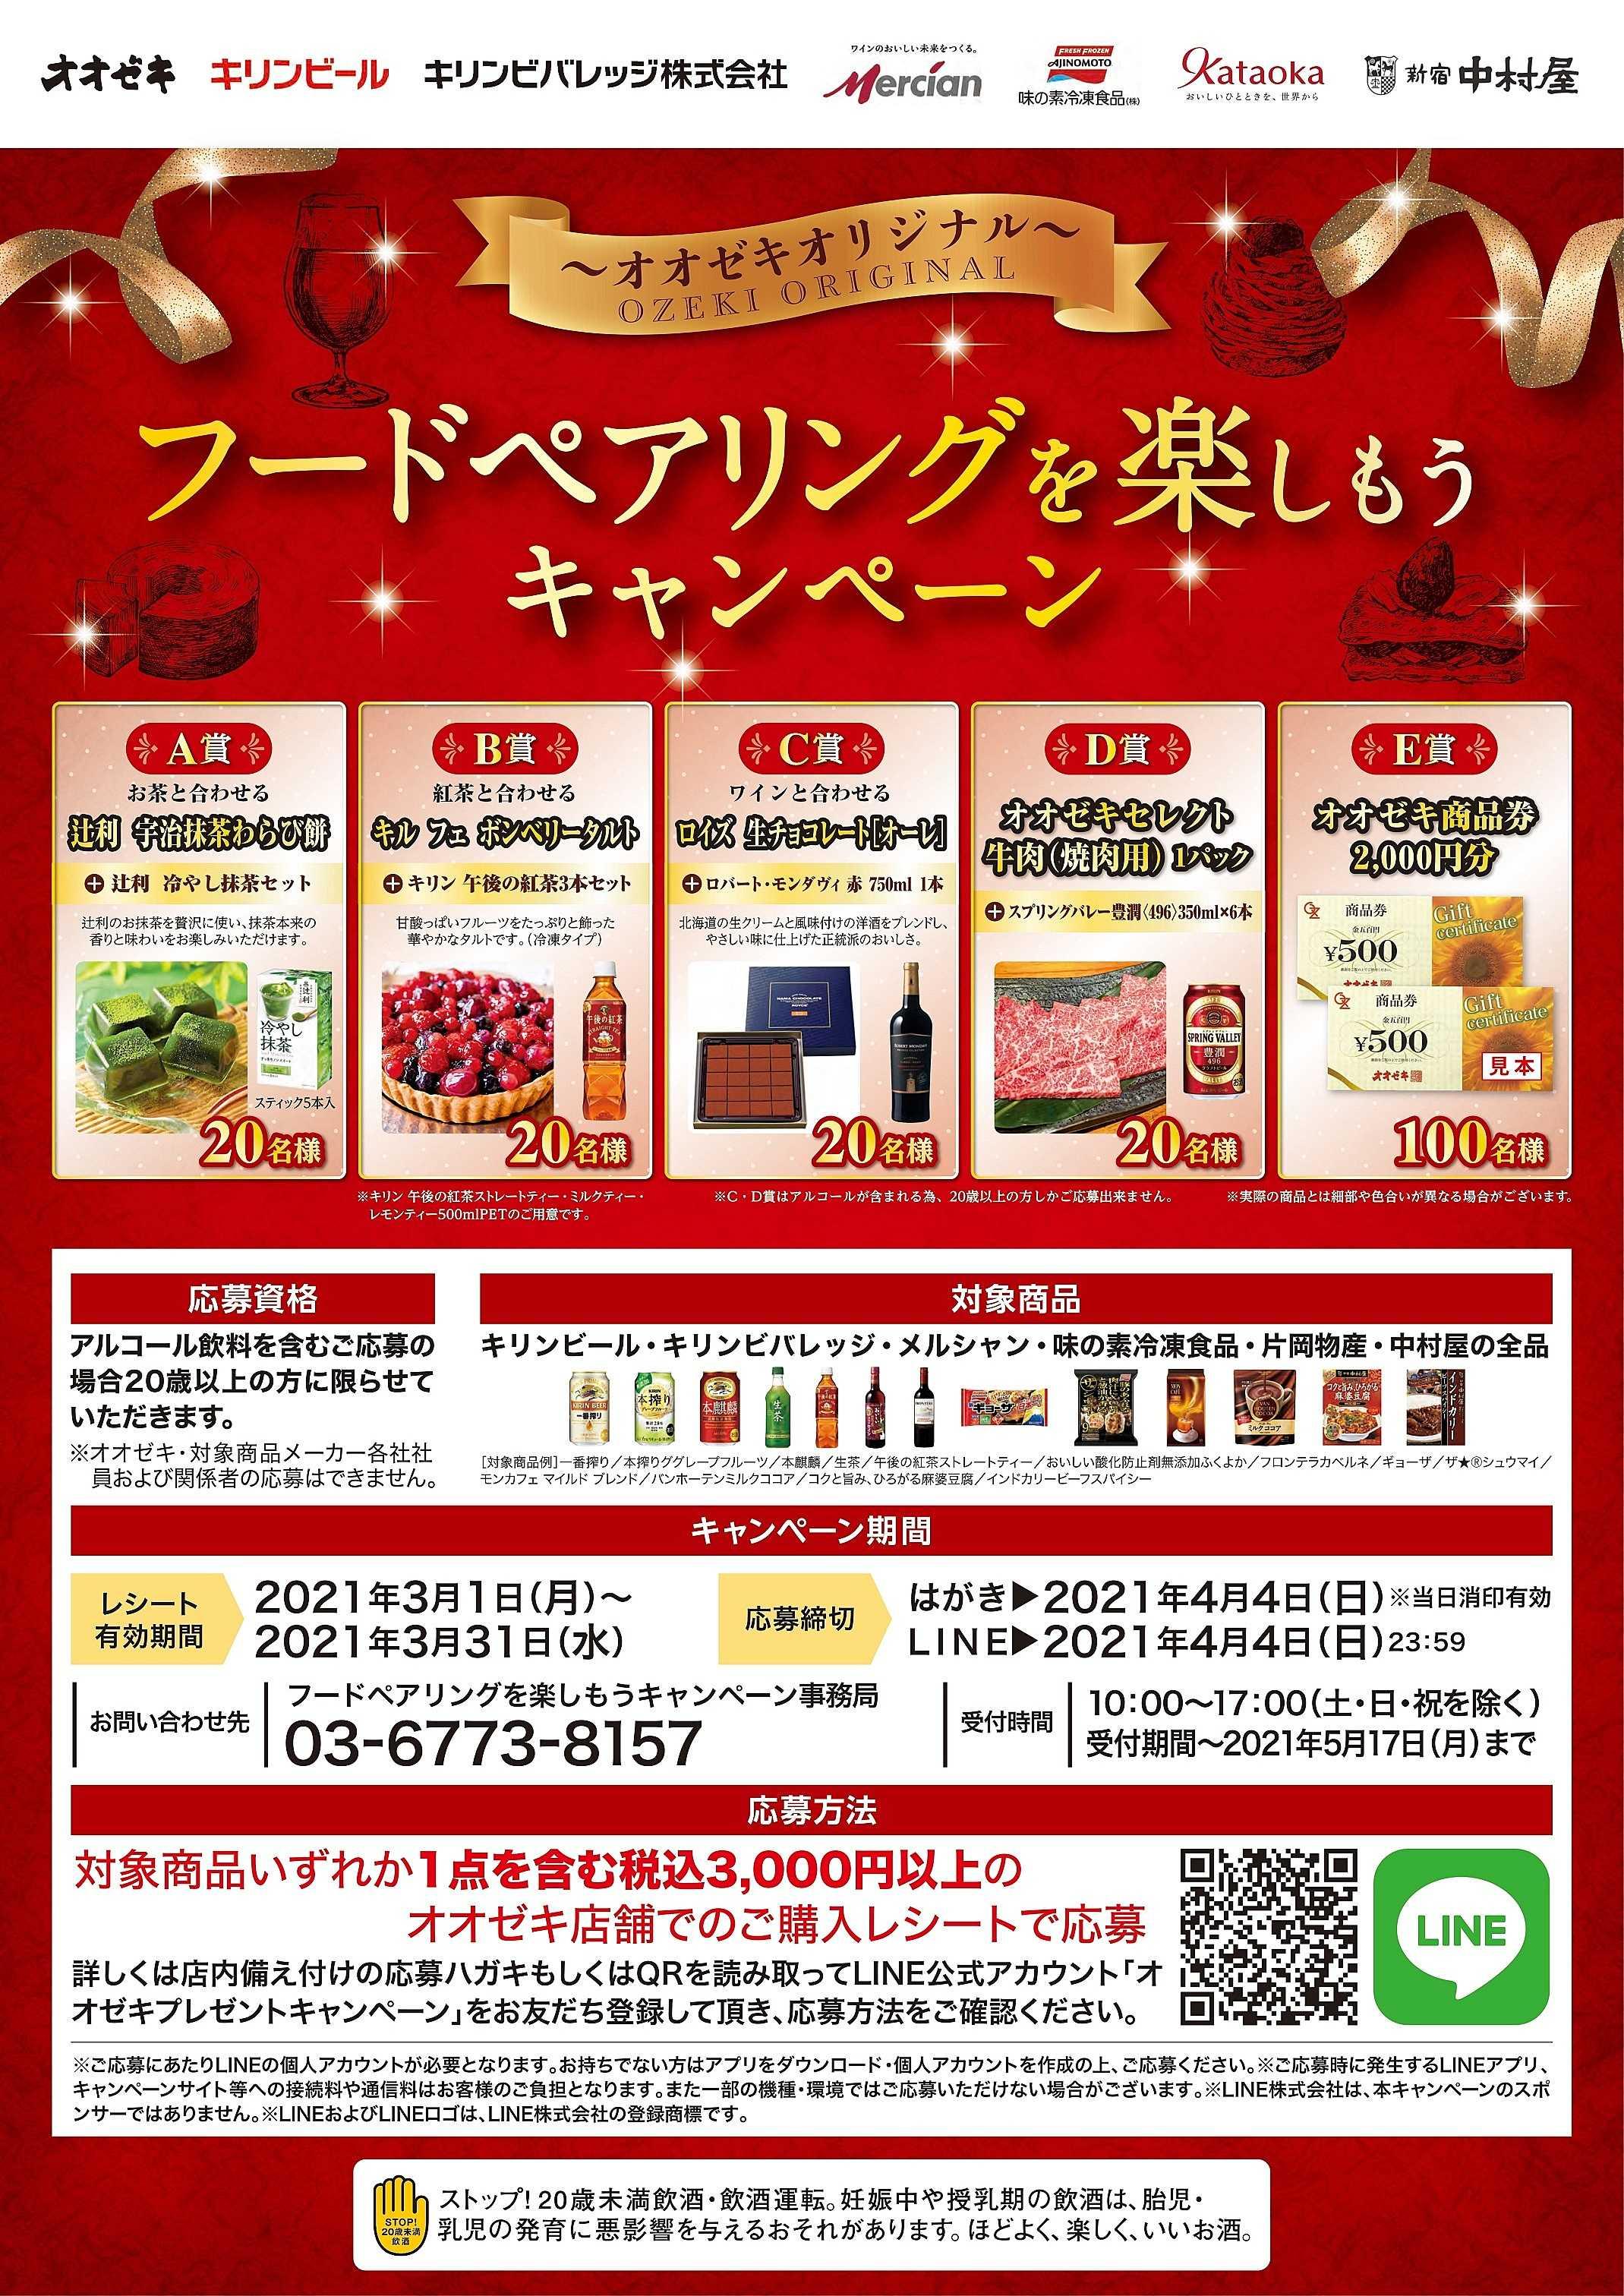 オオゼキ 【LINEでカンタン応募】フードペアリングを楽しもうキャンペーン【3/1(月)~3/31(水)】